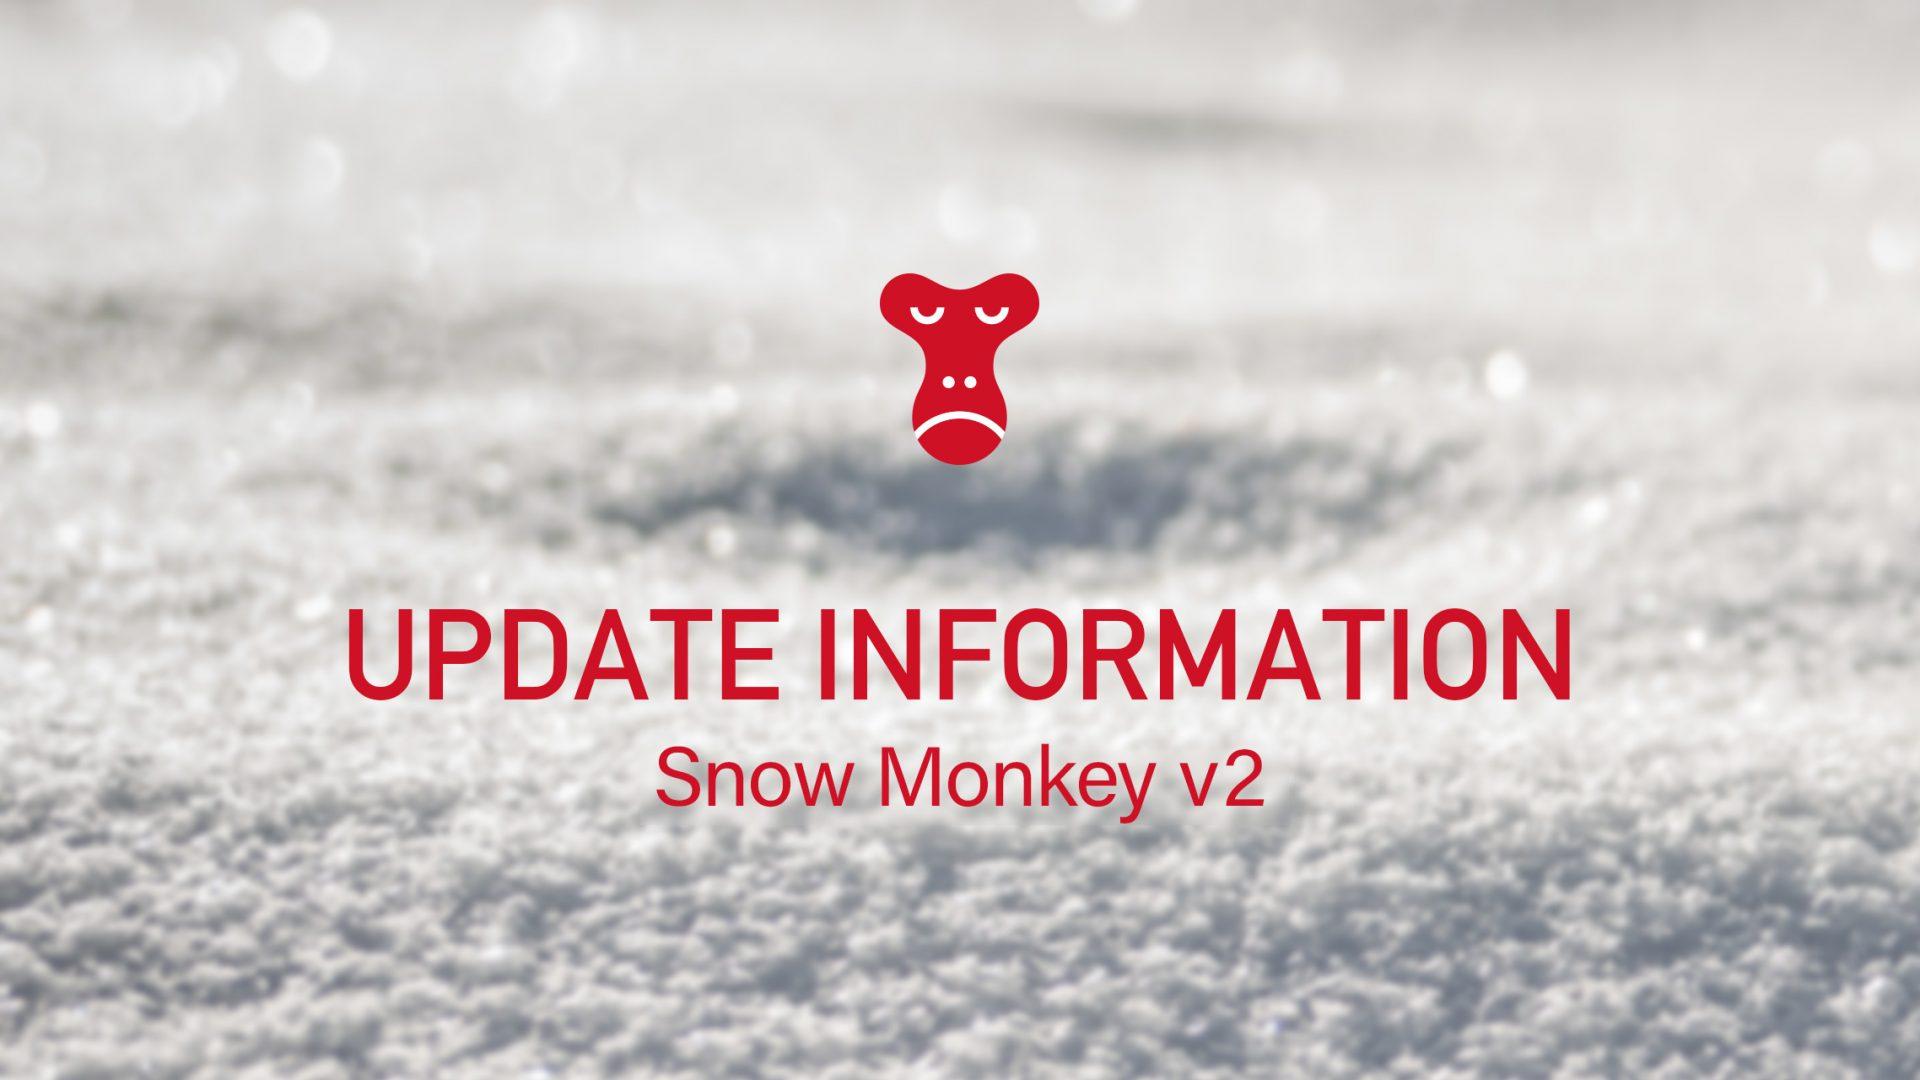 update information Snow Monkey v2